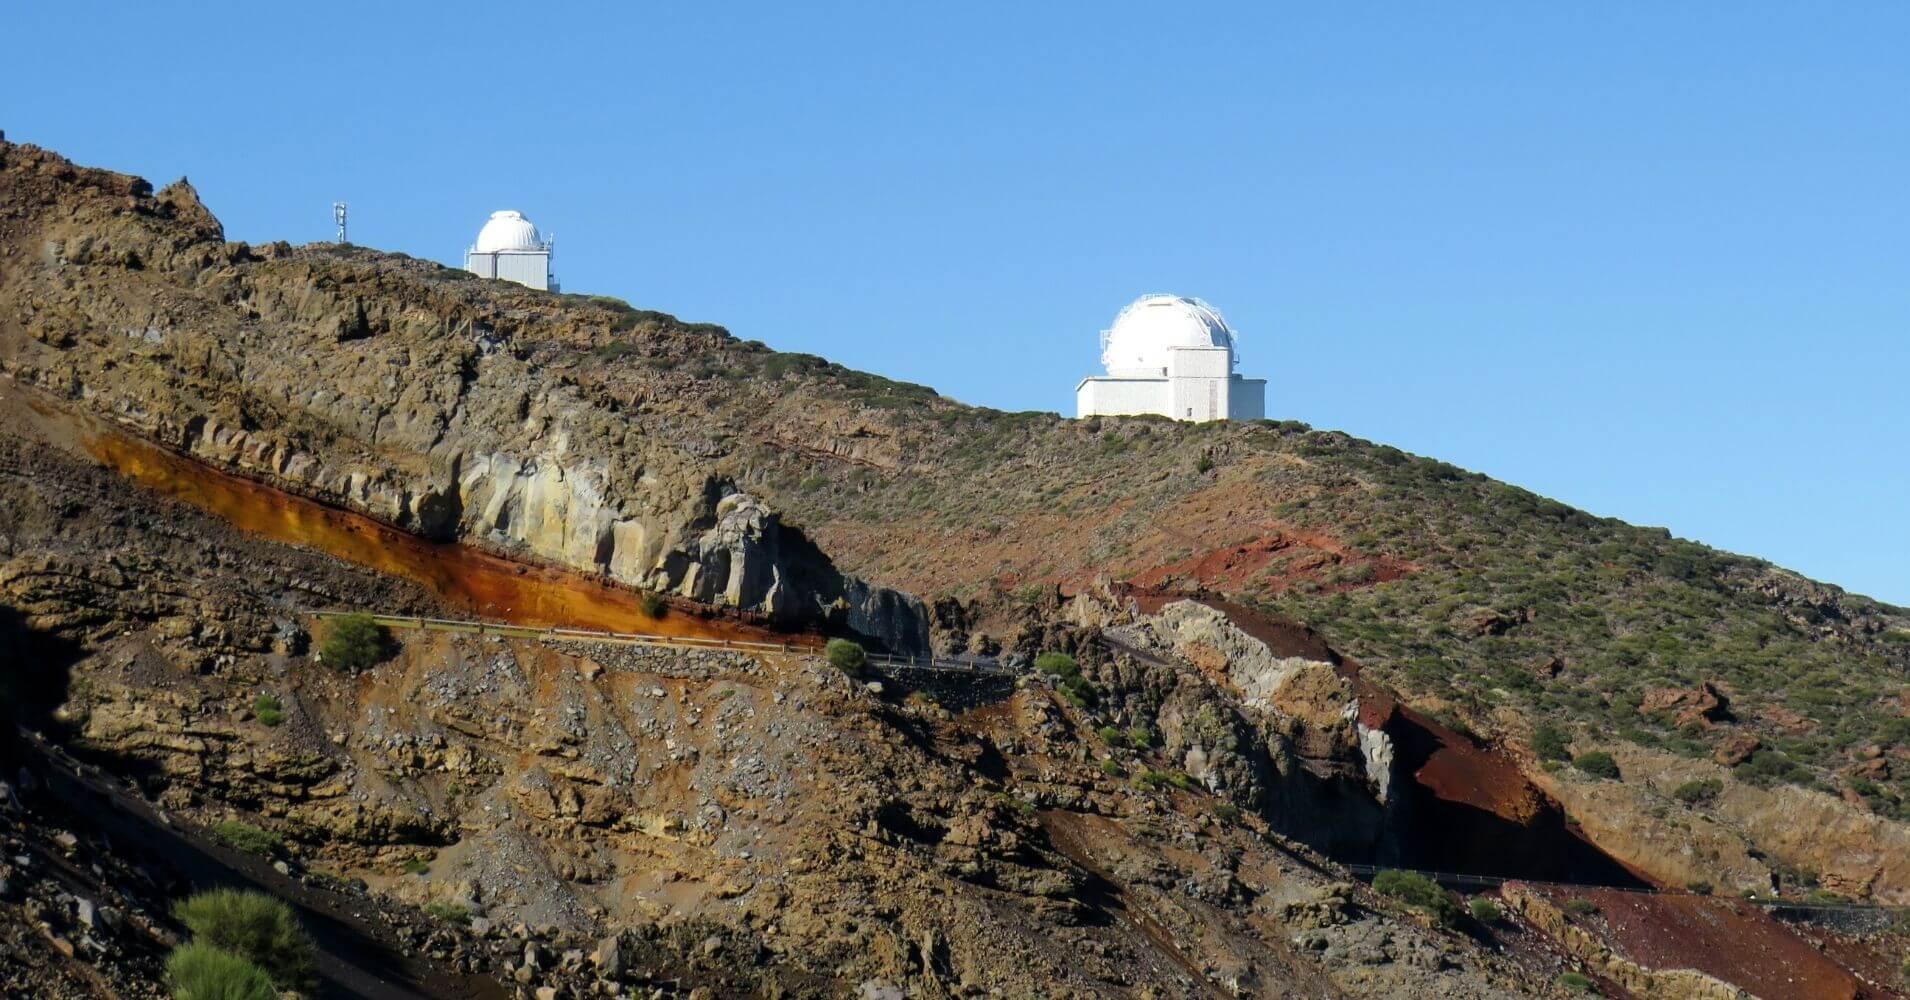 Gran Telescopio Canarias, Observatorio Astrofísico. La Palma, Islas Canarias.